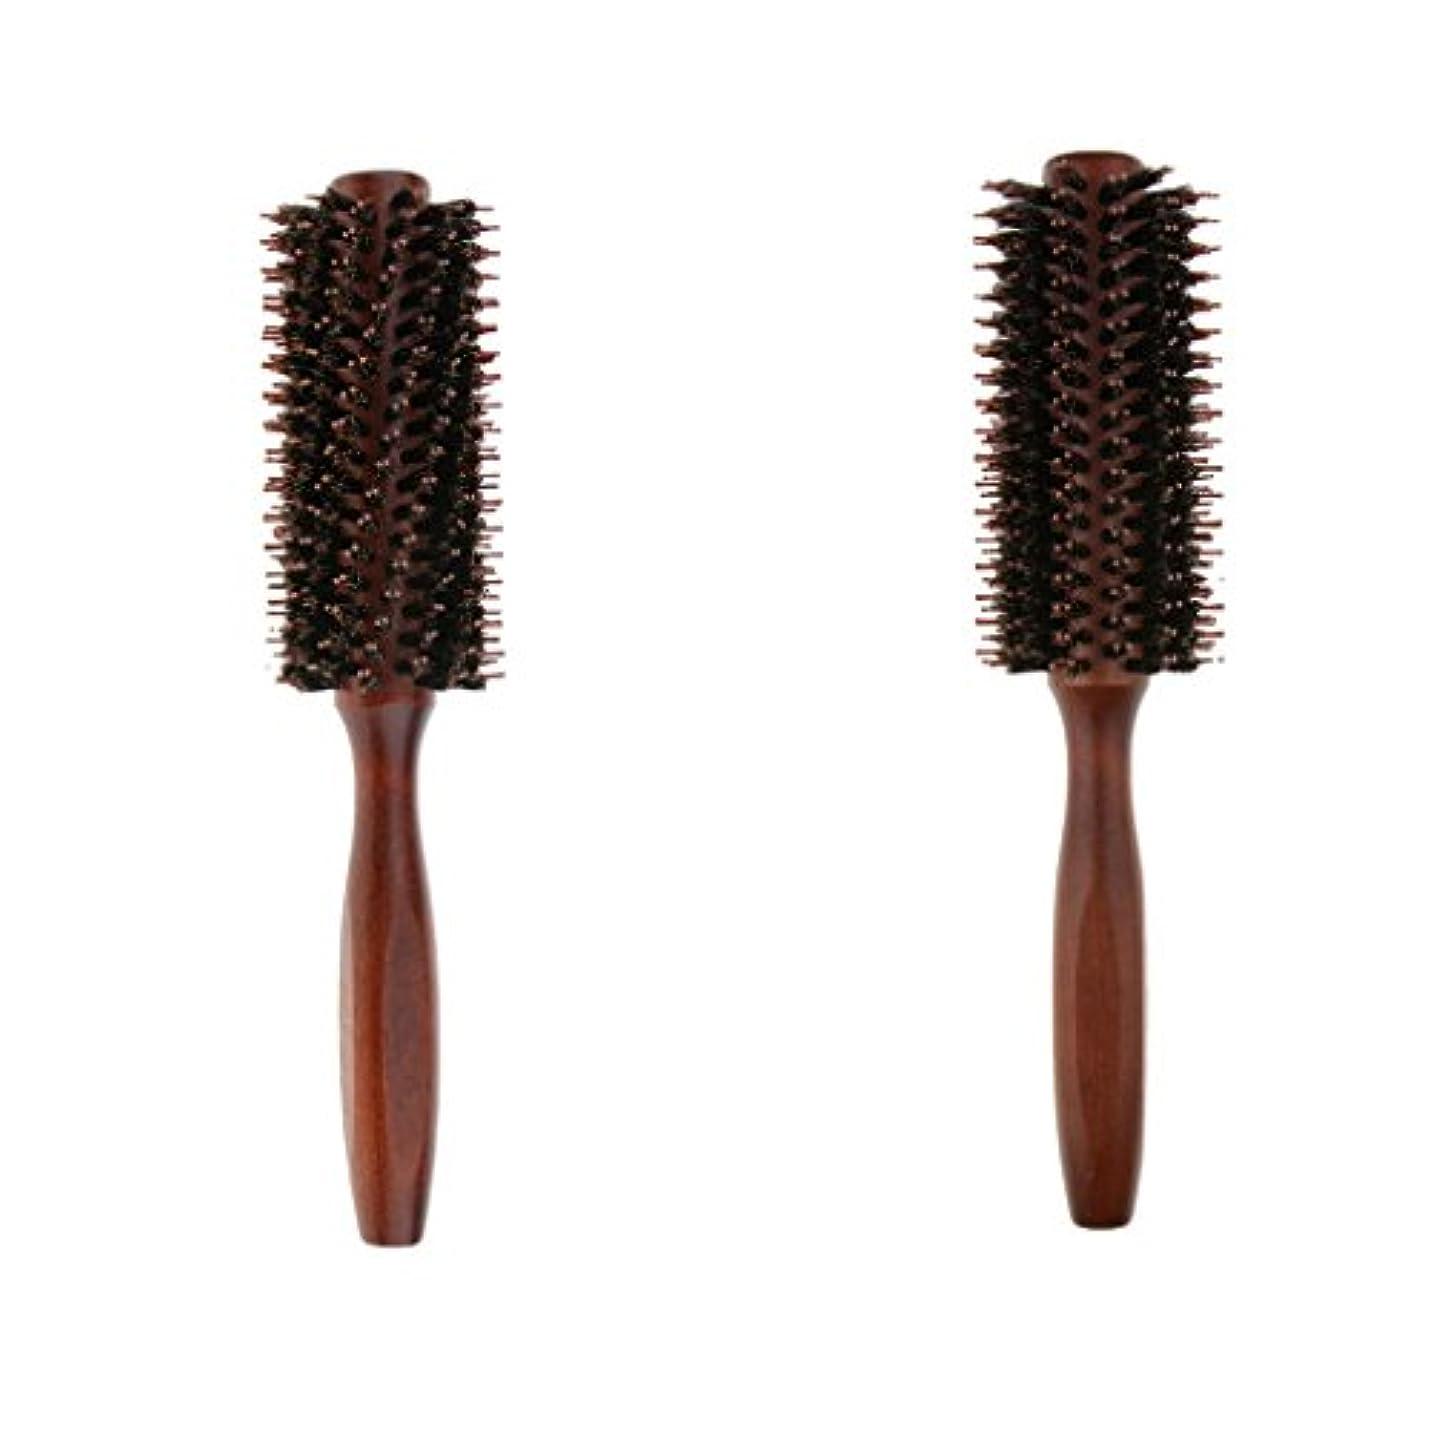 上回る歯科医一見B Blesiya 2個 ロールブラシ ヘアブラシ ヘアカラーリング用 木製櫛 静電気防止 耐熱コーム 巻き髪